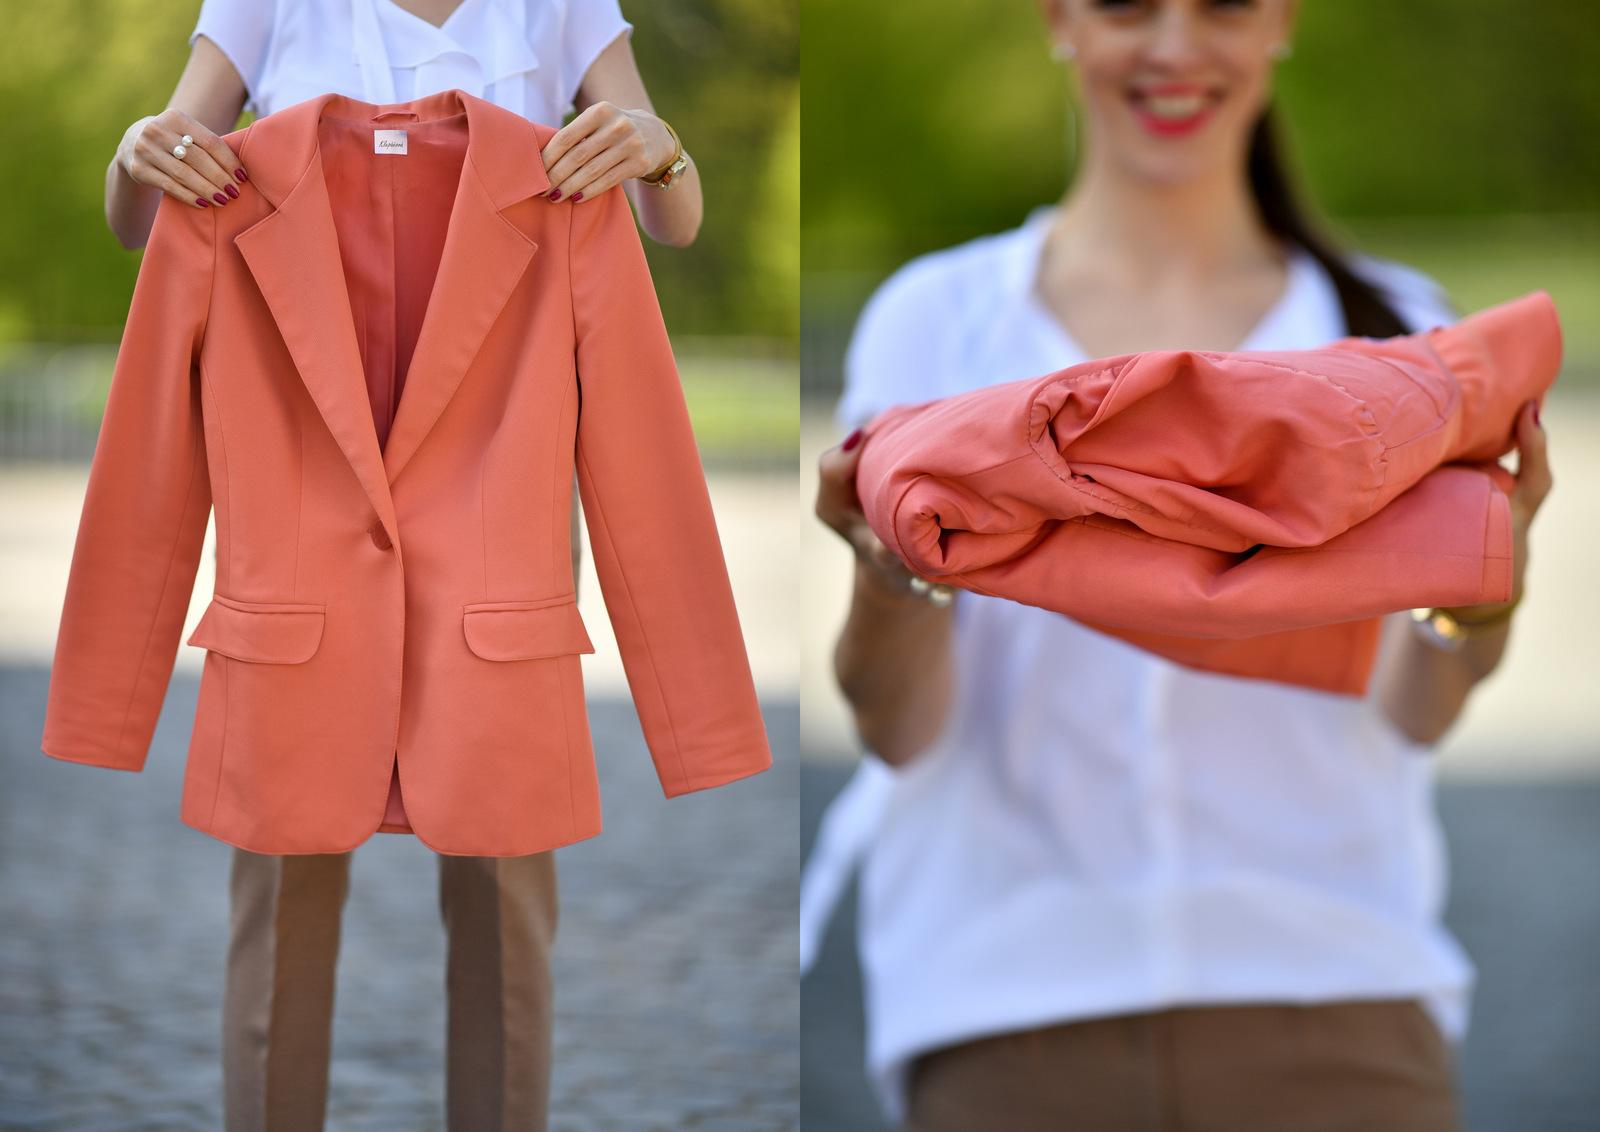 ako poskladať sako do kufra tak, aby sa nepokrčilo // how to fold a blazer for a suitcase